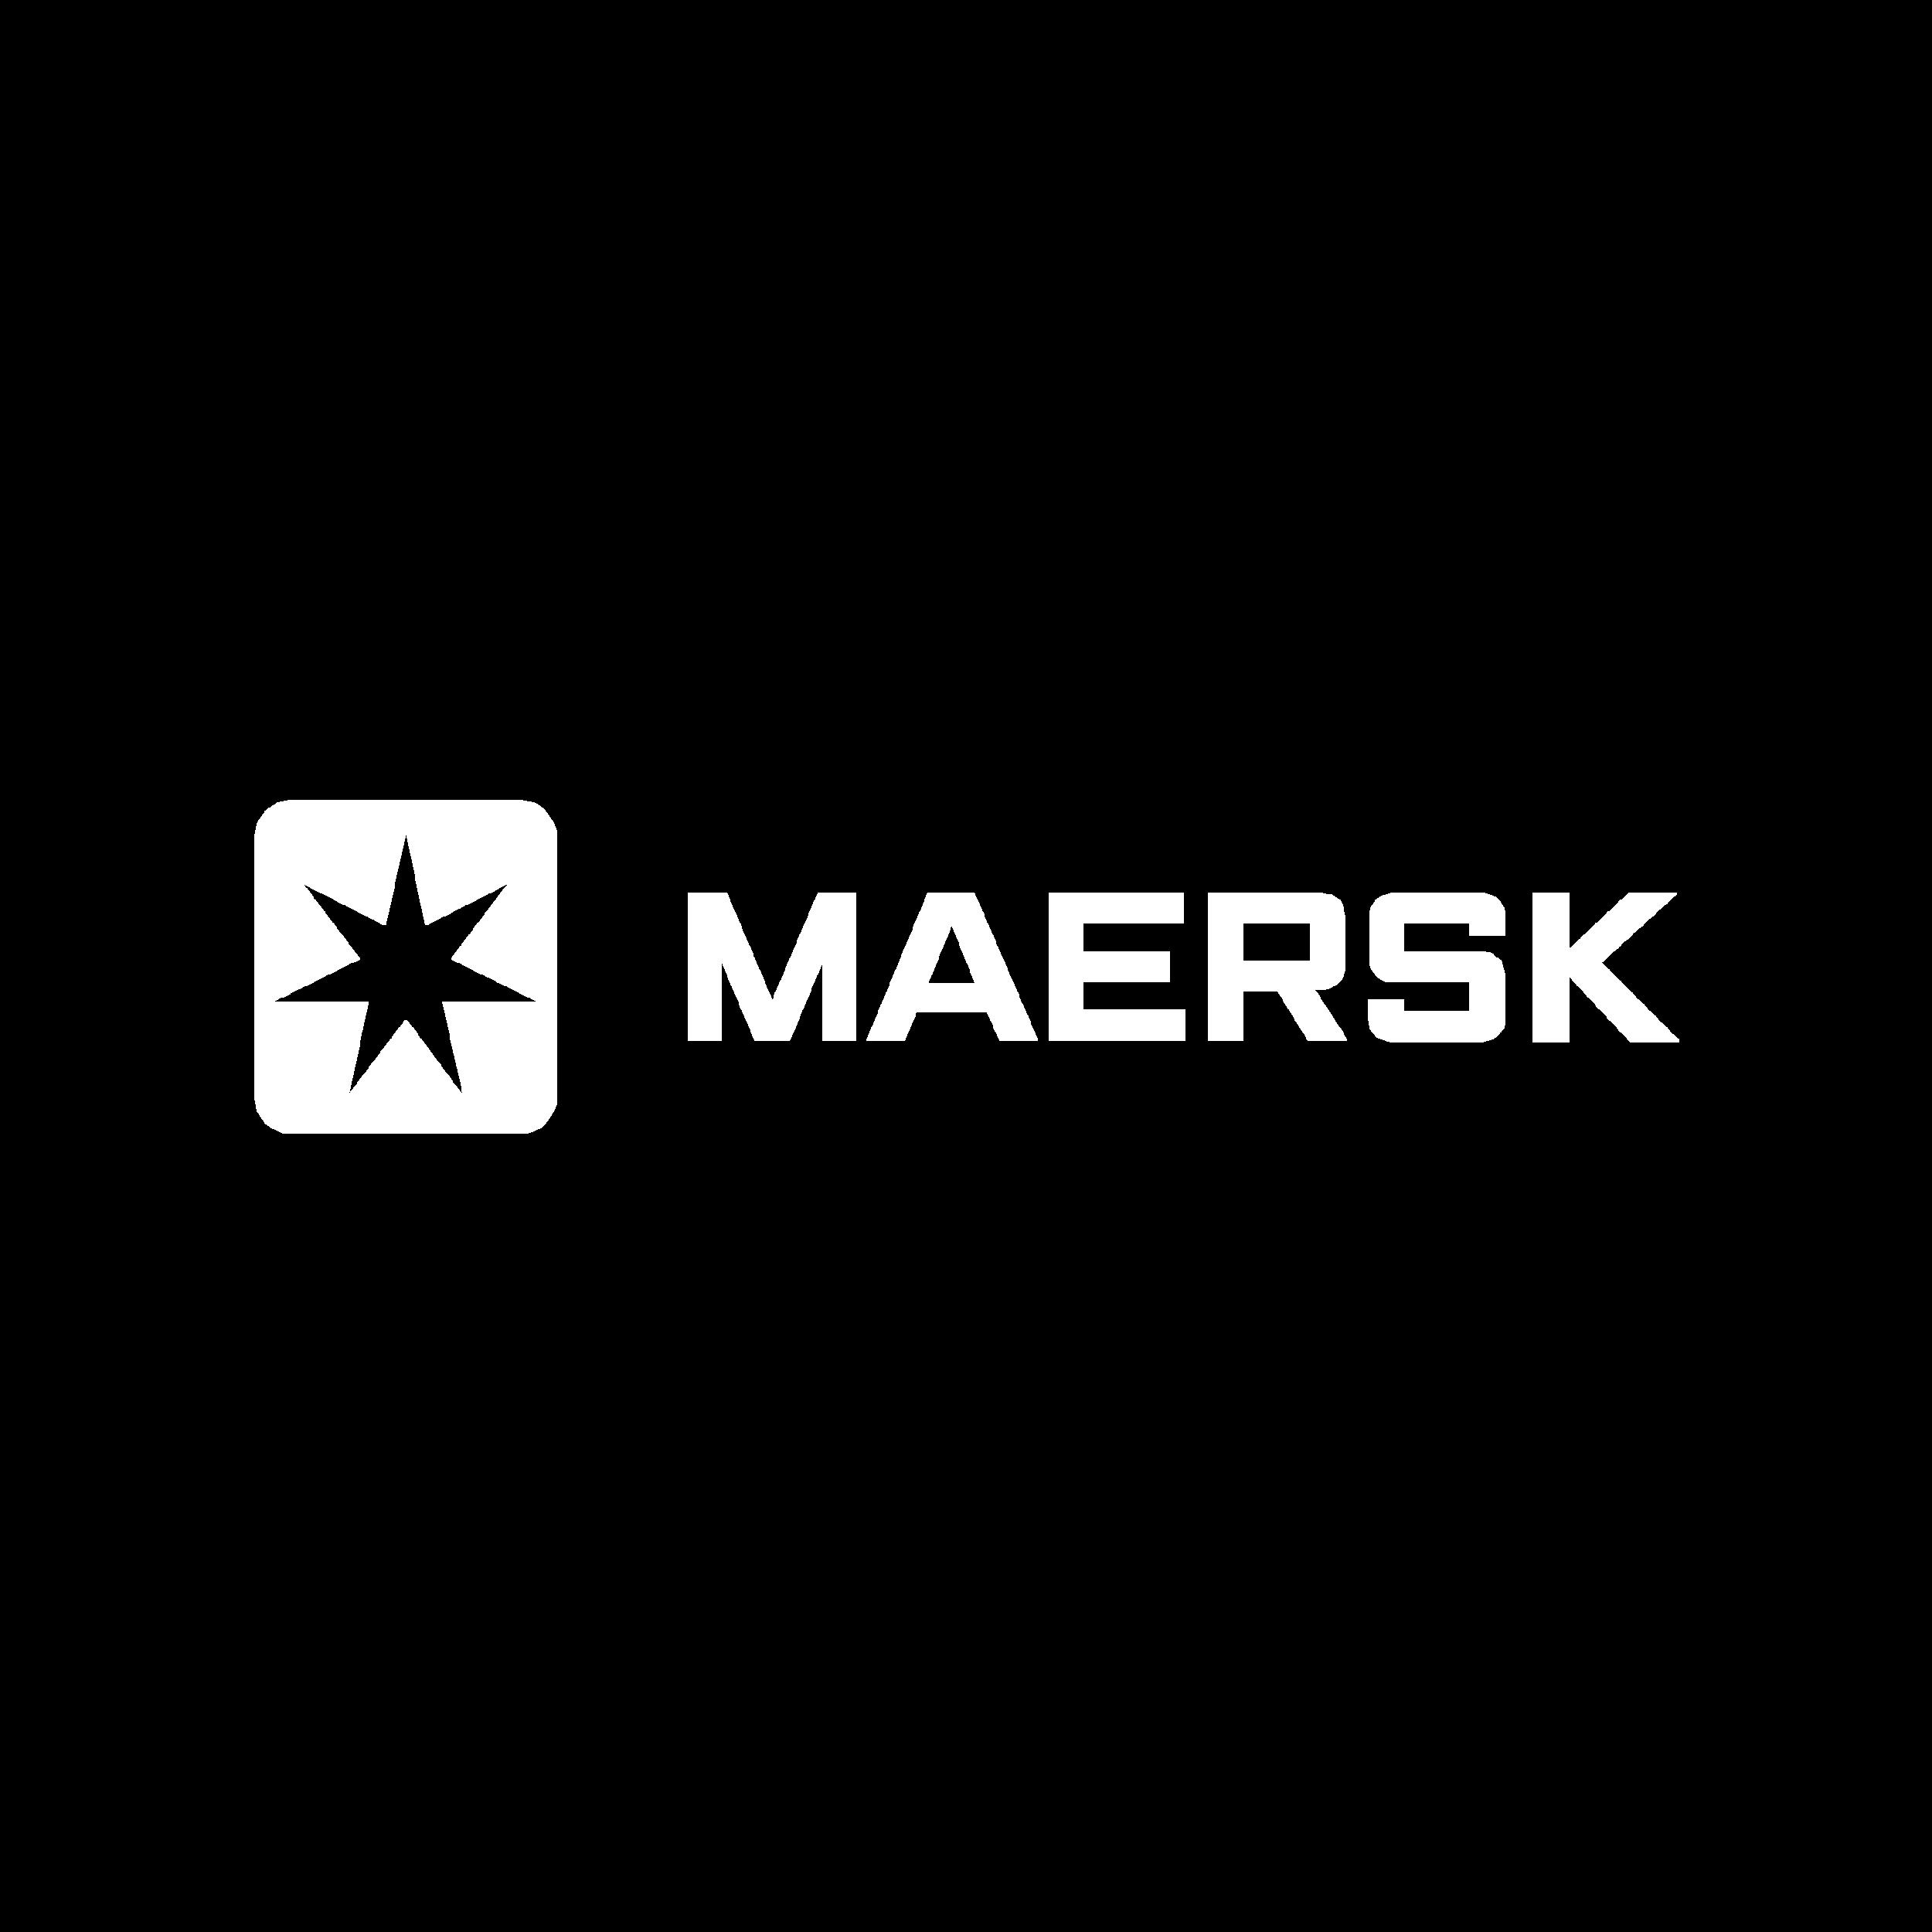 logos-white_logo-maersk.png